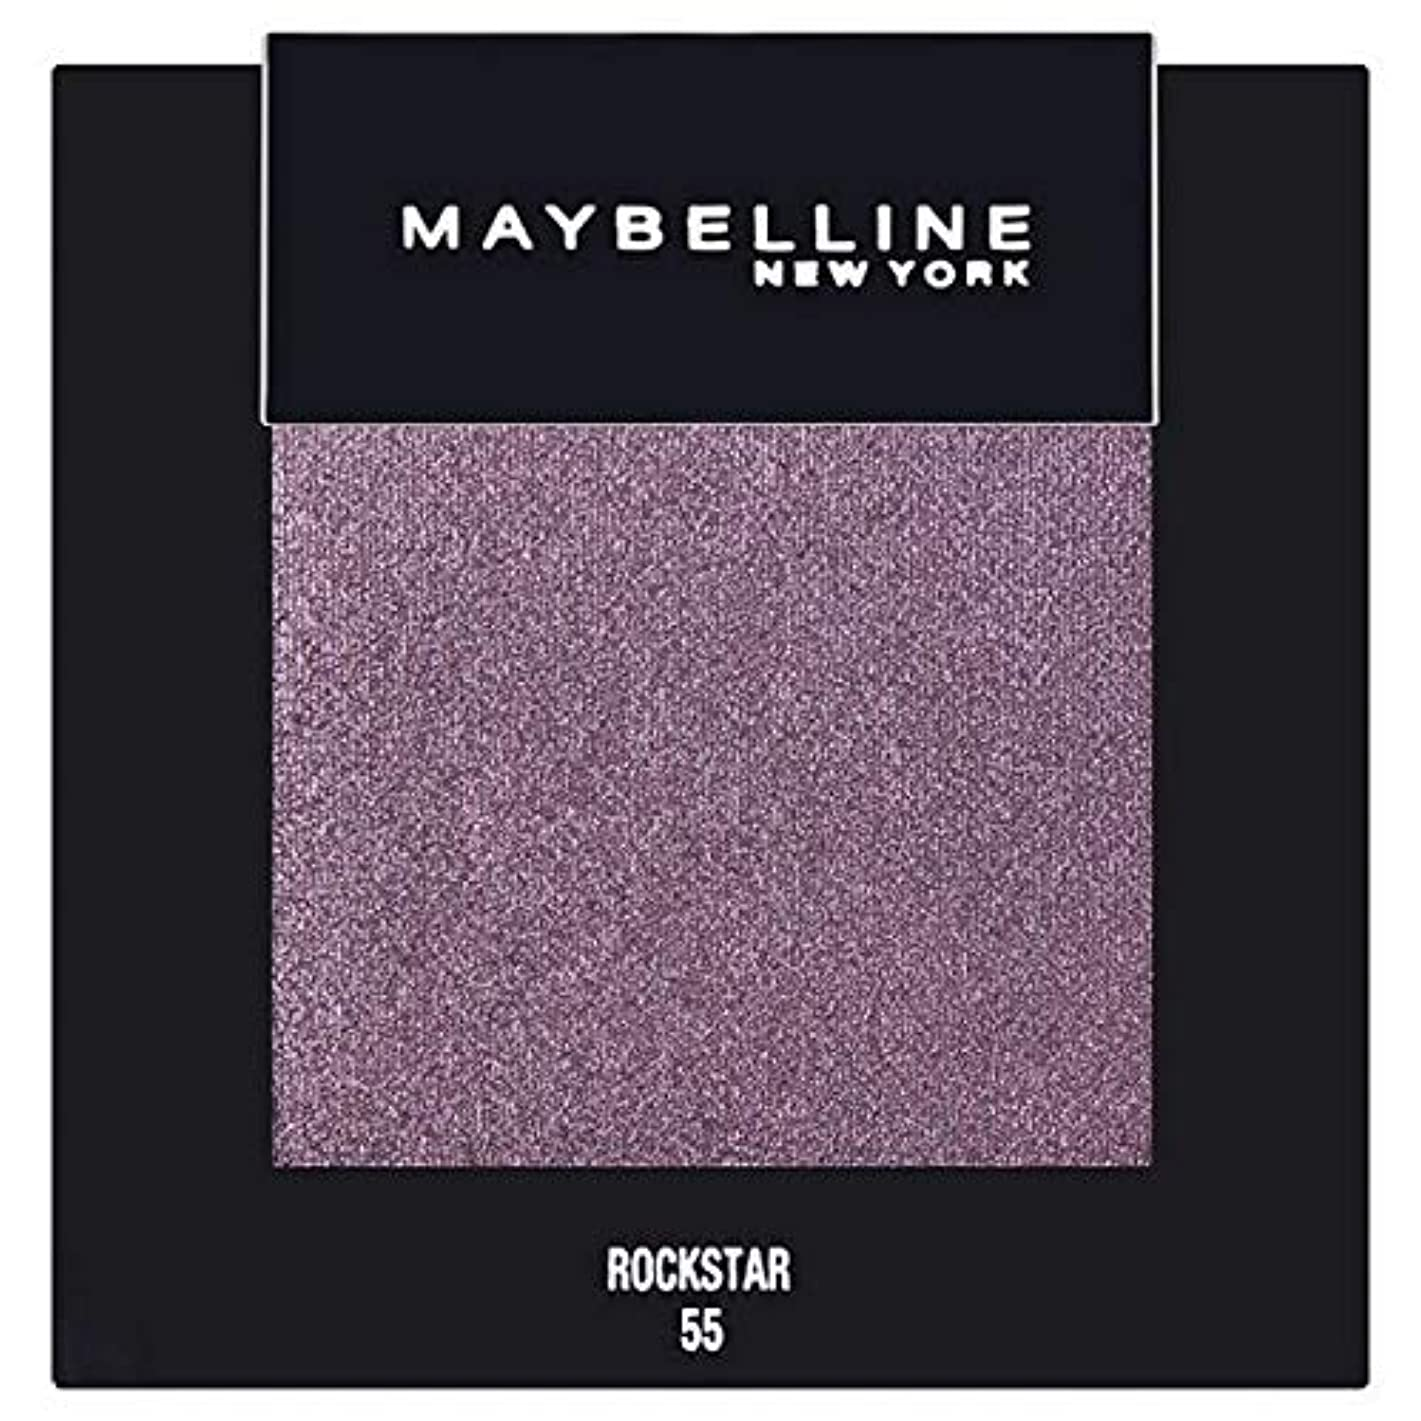 道徳教育西部ソート[Maybelline ] メイベリンカラーショーシングルアイシャドウ55ロックスター - Maybelline Color Show Single Eyeshadow 55 Rockstar [並行輸入品]